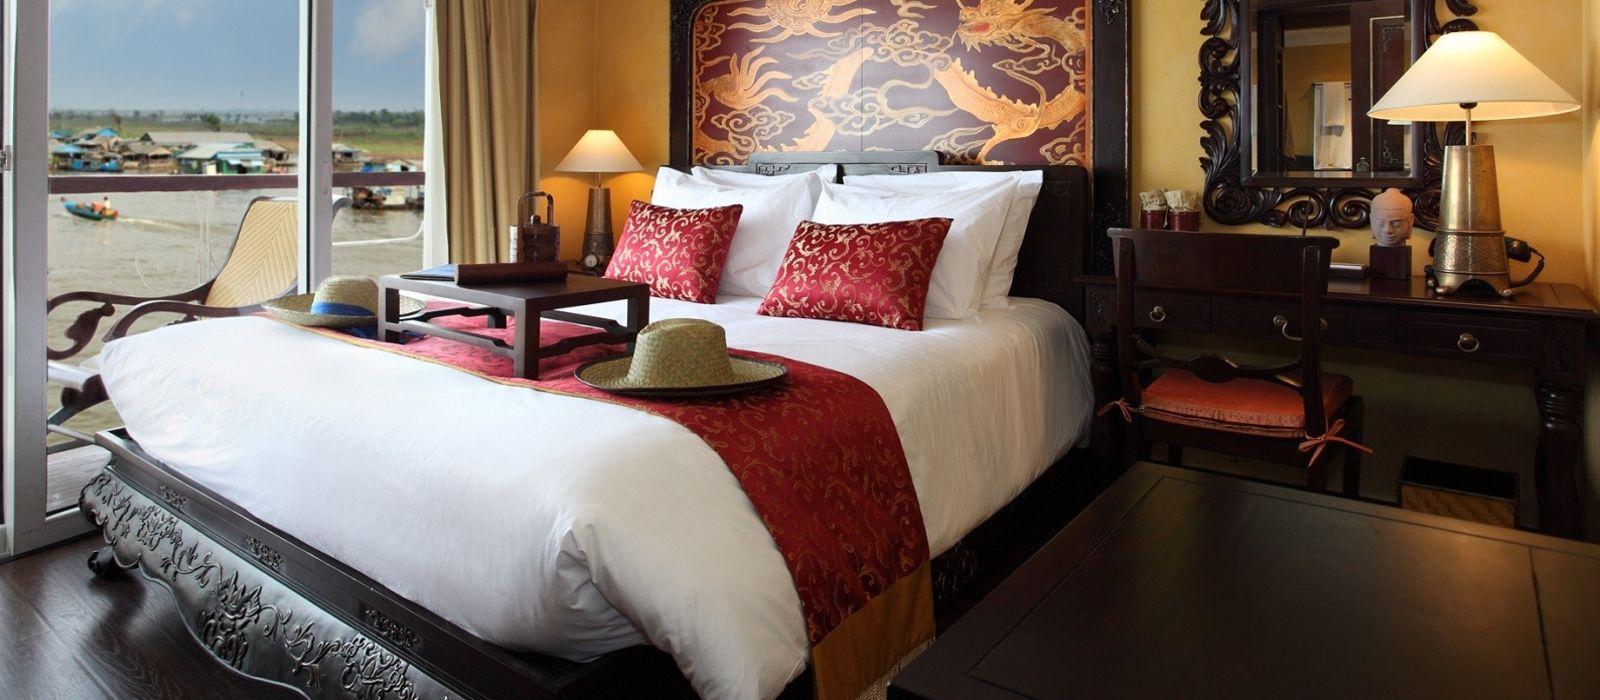 Hotel The Jayavarman Cruise Cambodia